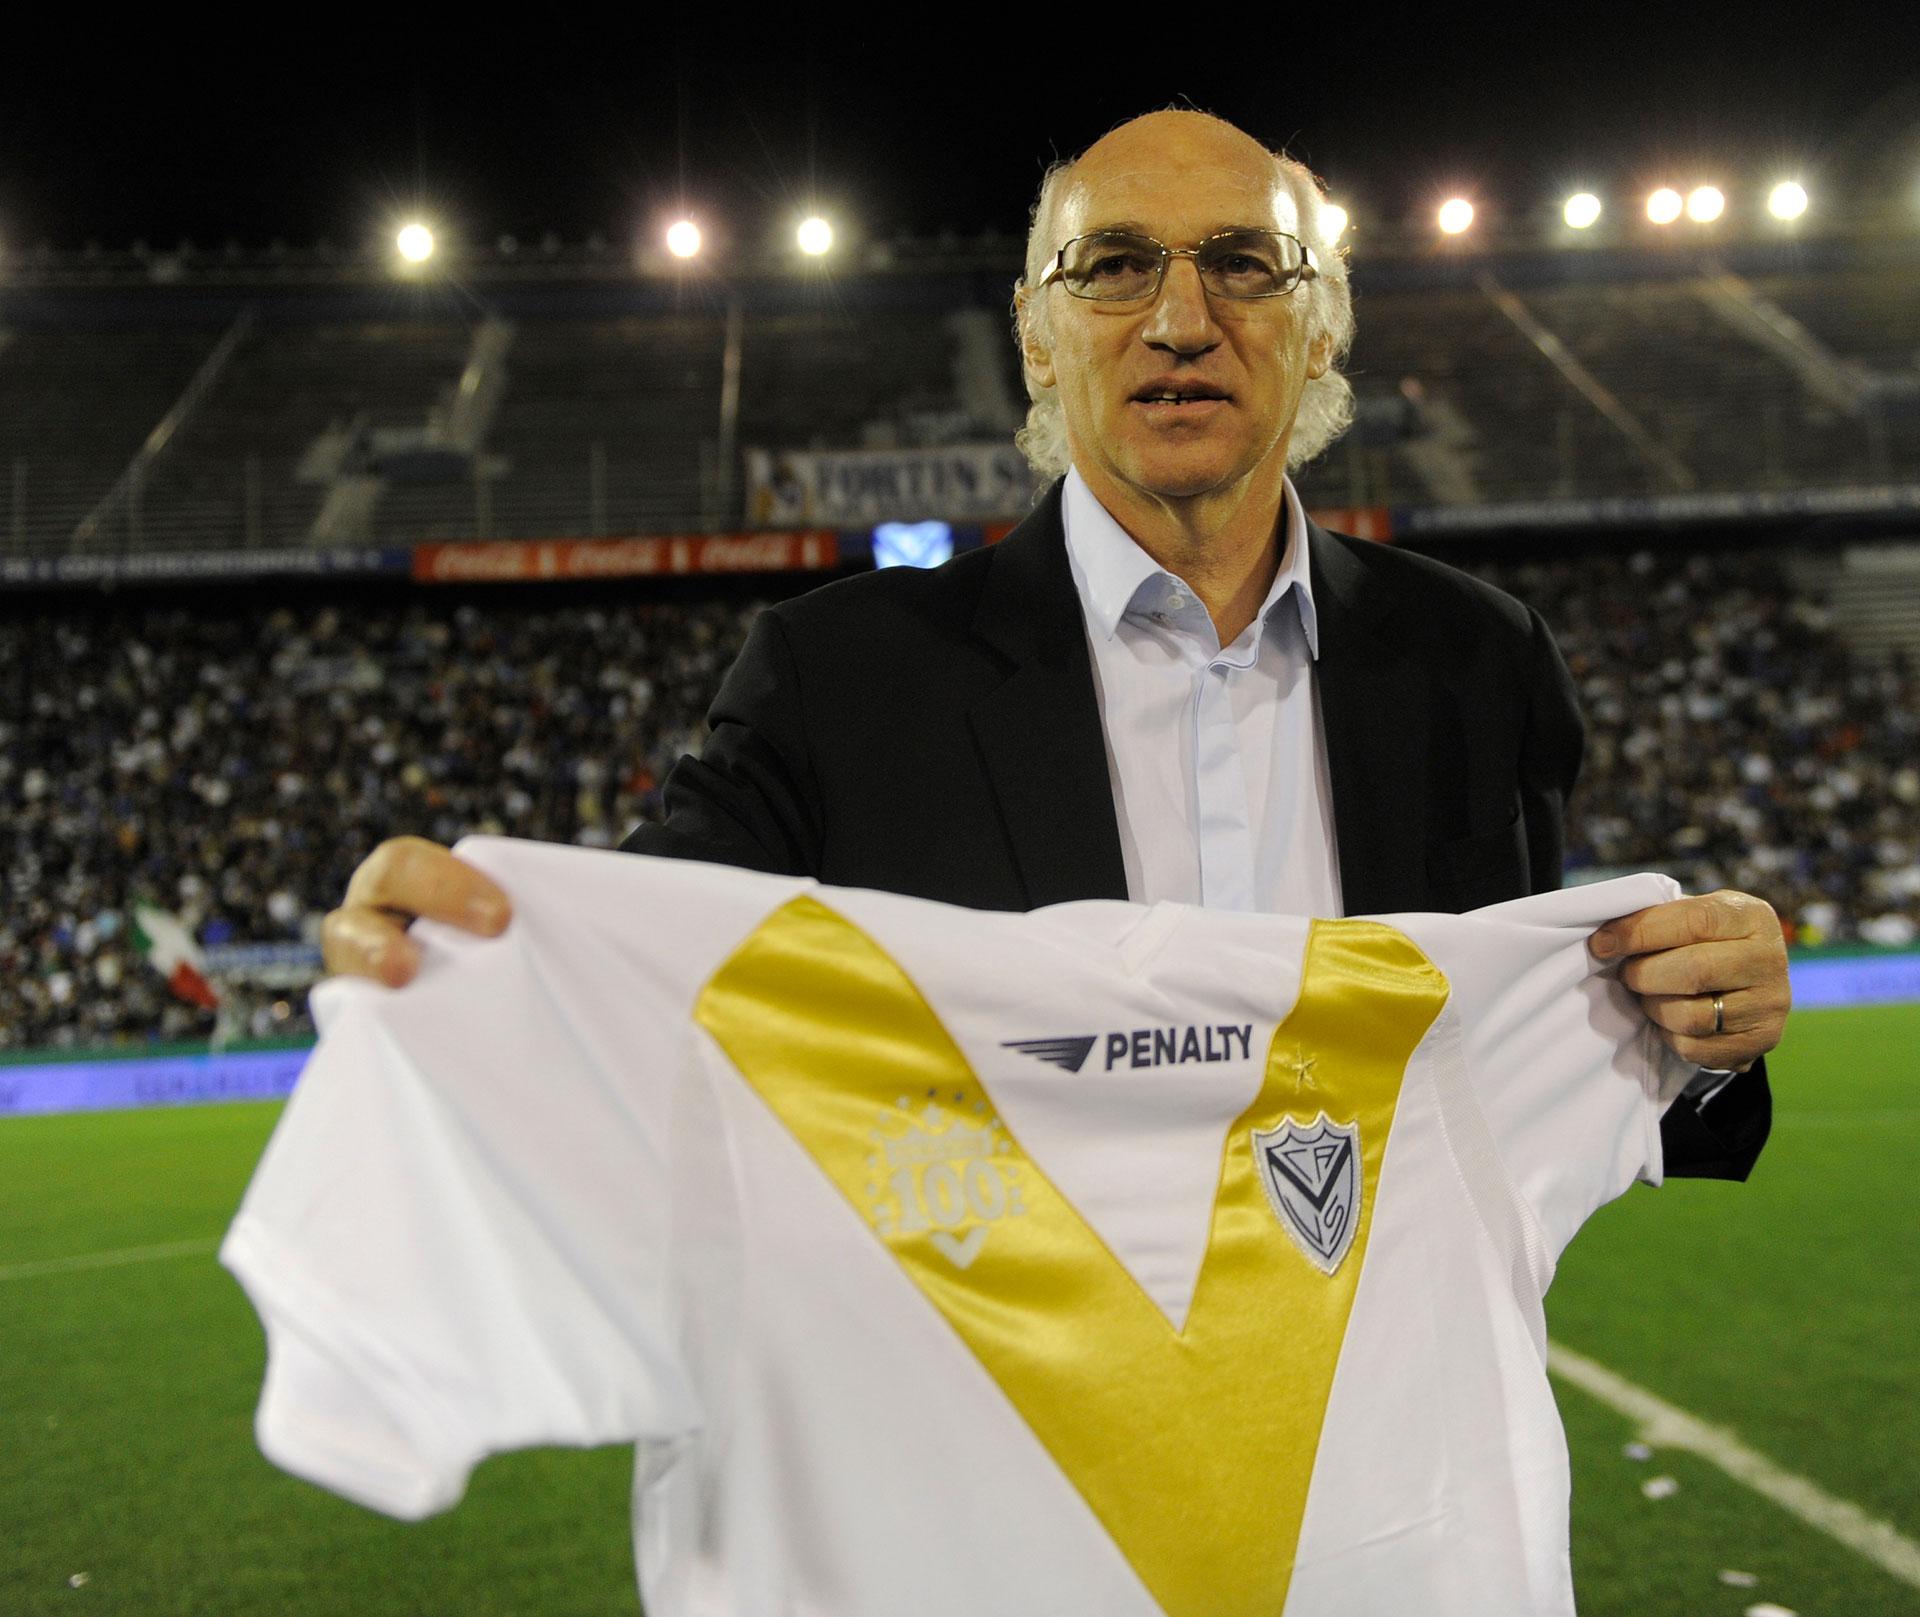 Como futbolista, en Vélez convirtió 206 goles. Luego, como entrenador, ganó seis títulos.